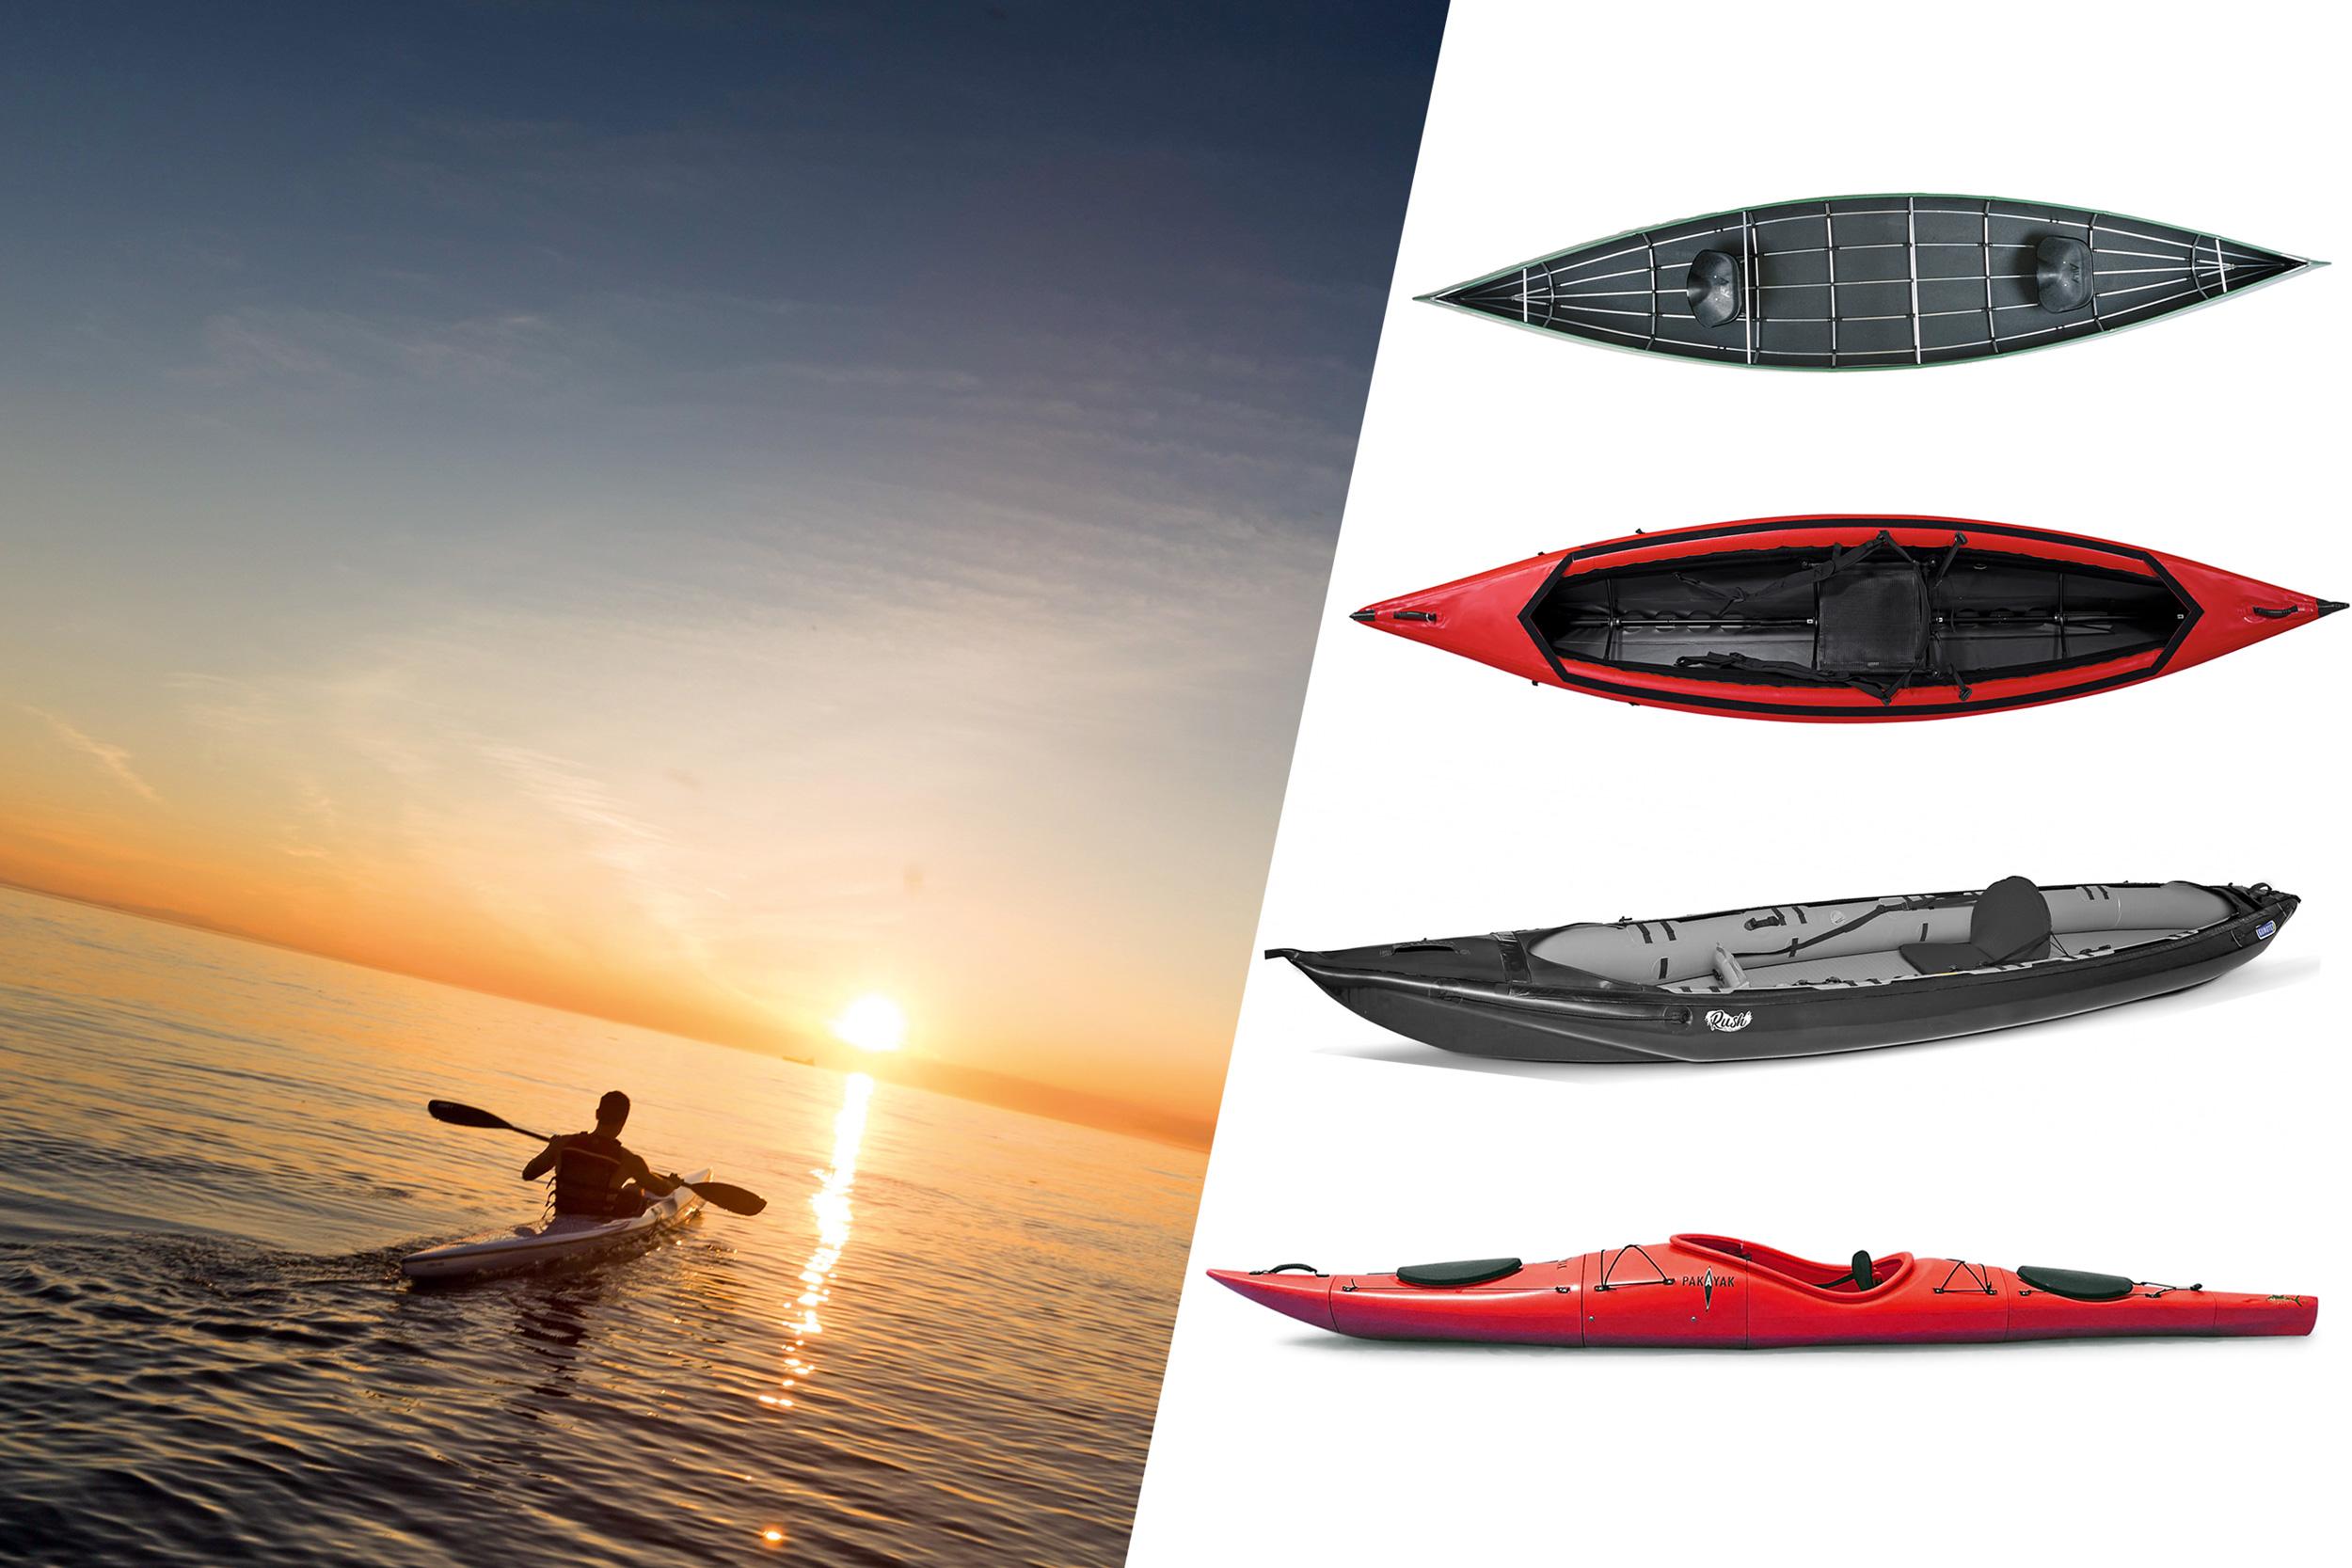 Einfach los paddeln und mobil sein mit transportablen Booten